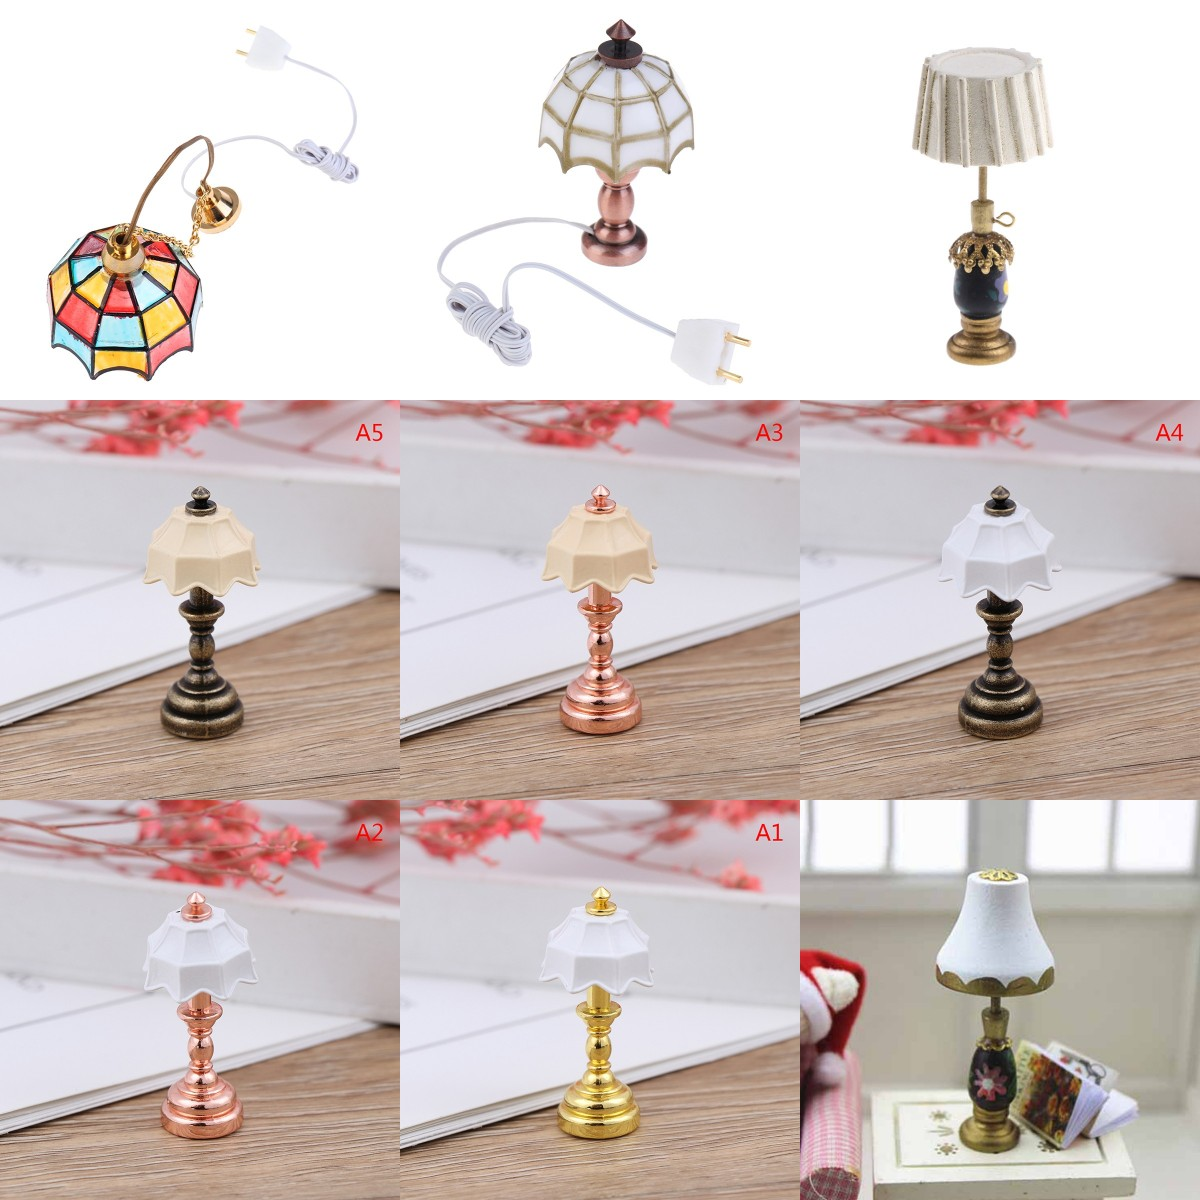 1:12 Retro Öllampe Puppenhaus Miniatur Spielzeug Puppe Home Wohnzimmer DekorR WS